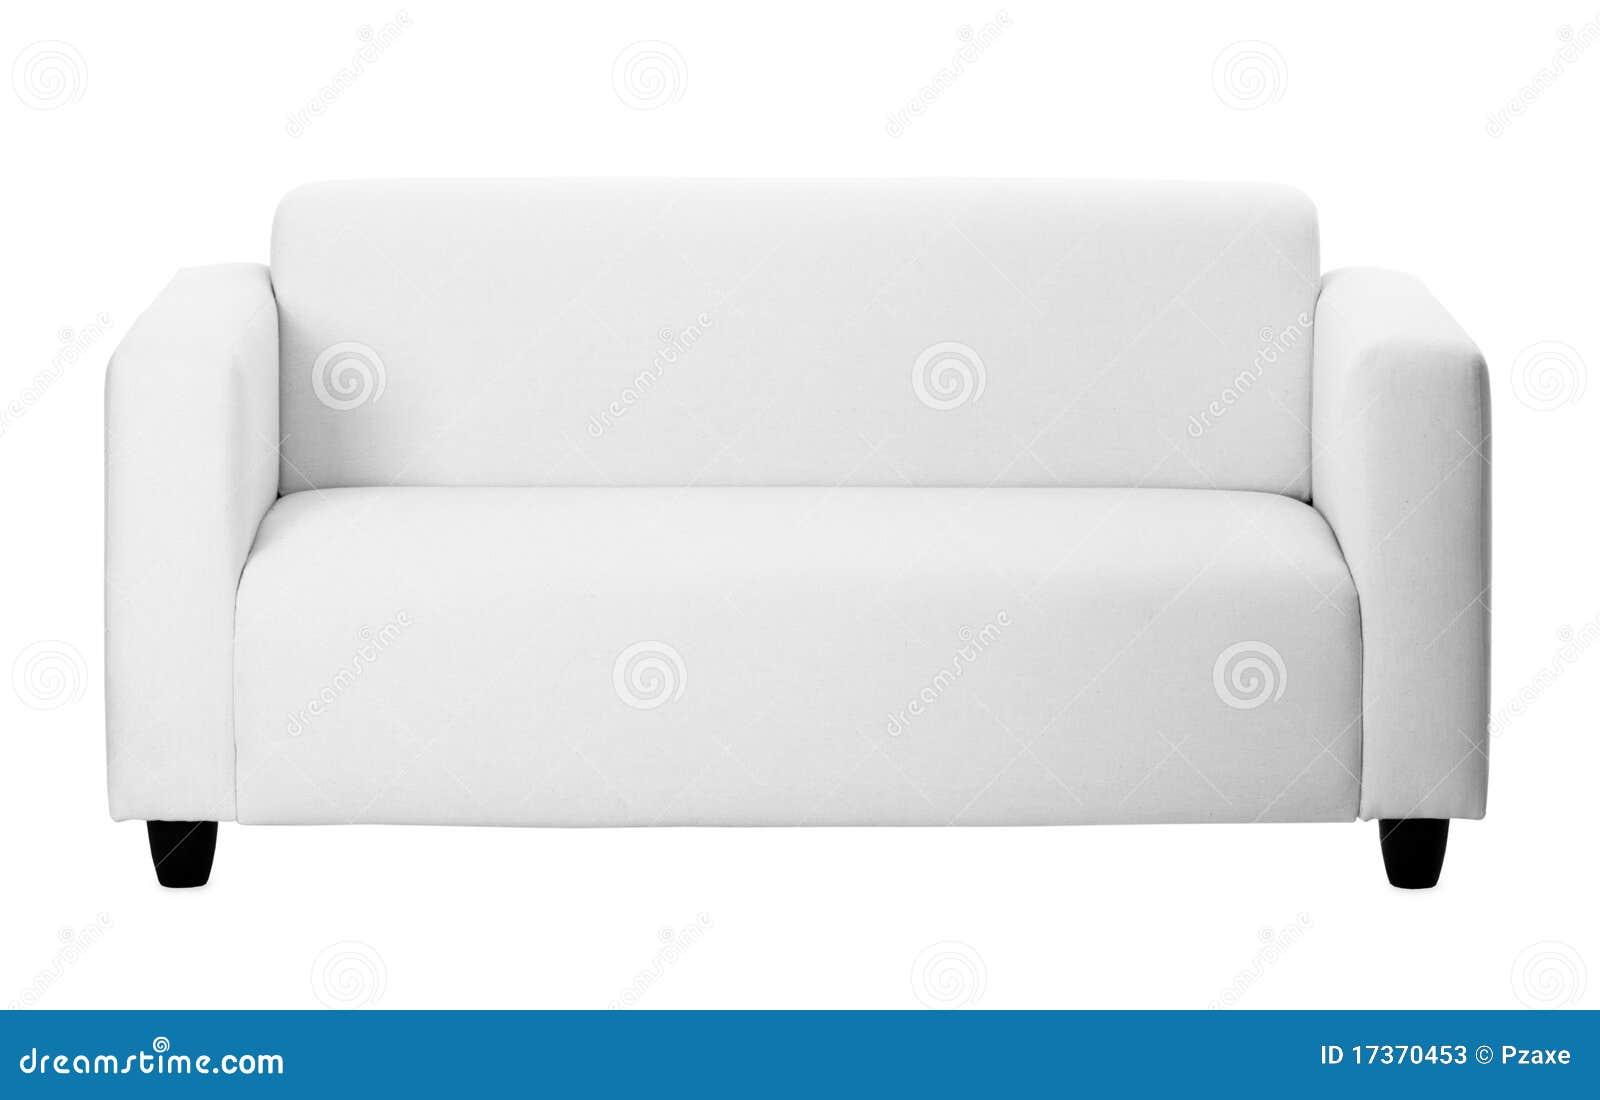 背景灰色普通的沙发白色